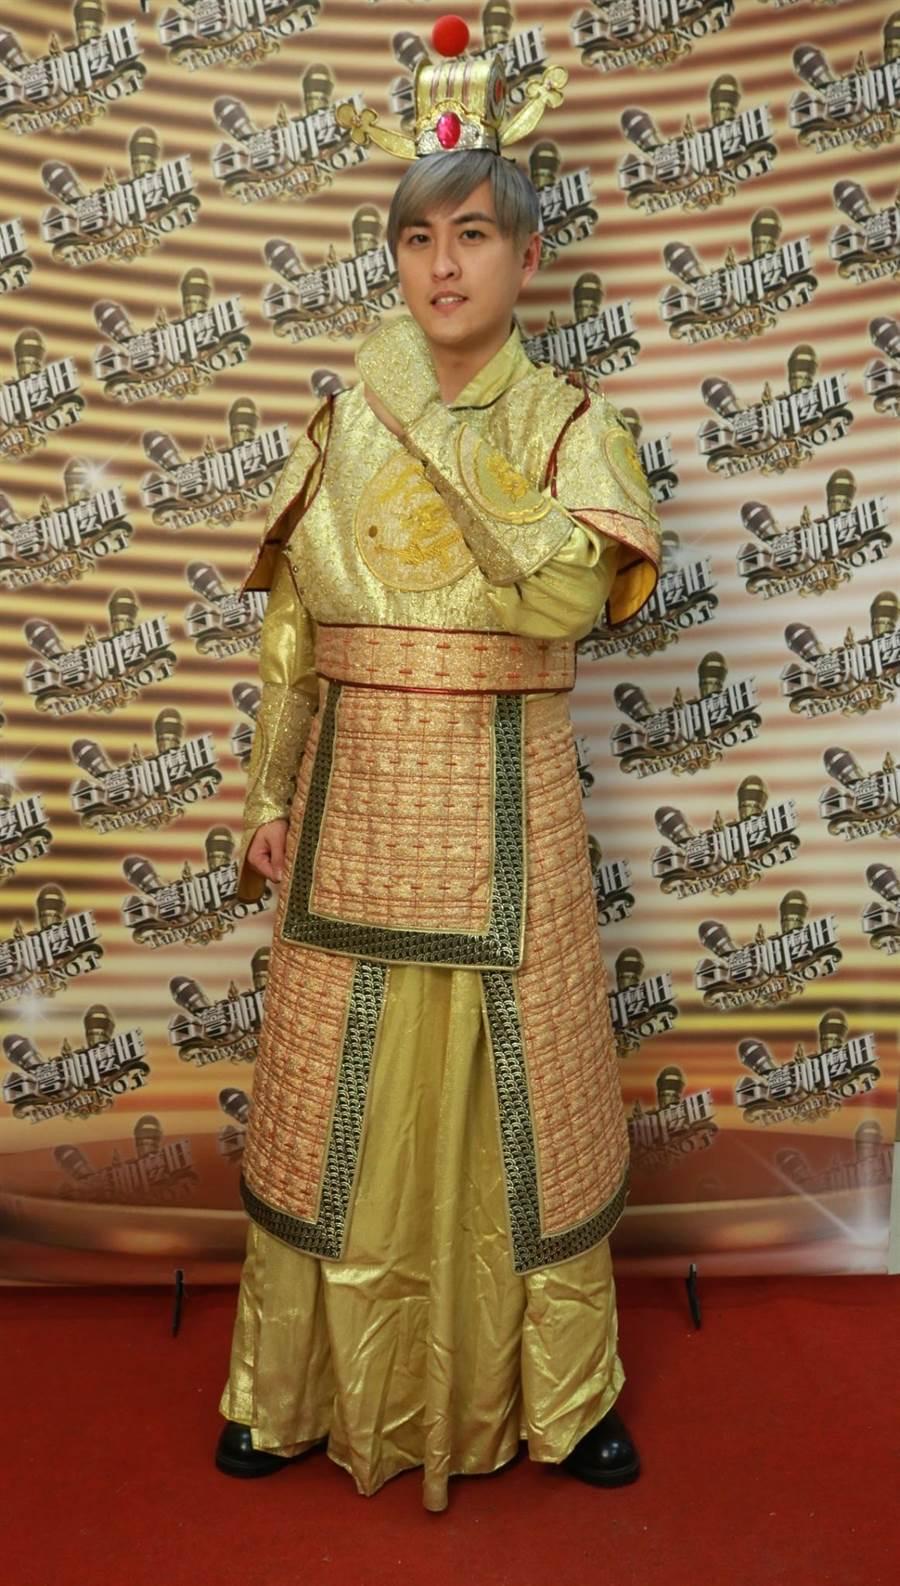 黃靖倫第一次穿古裝。(圖片提供:民視)